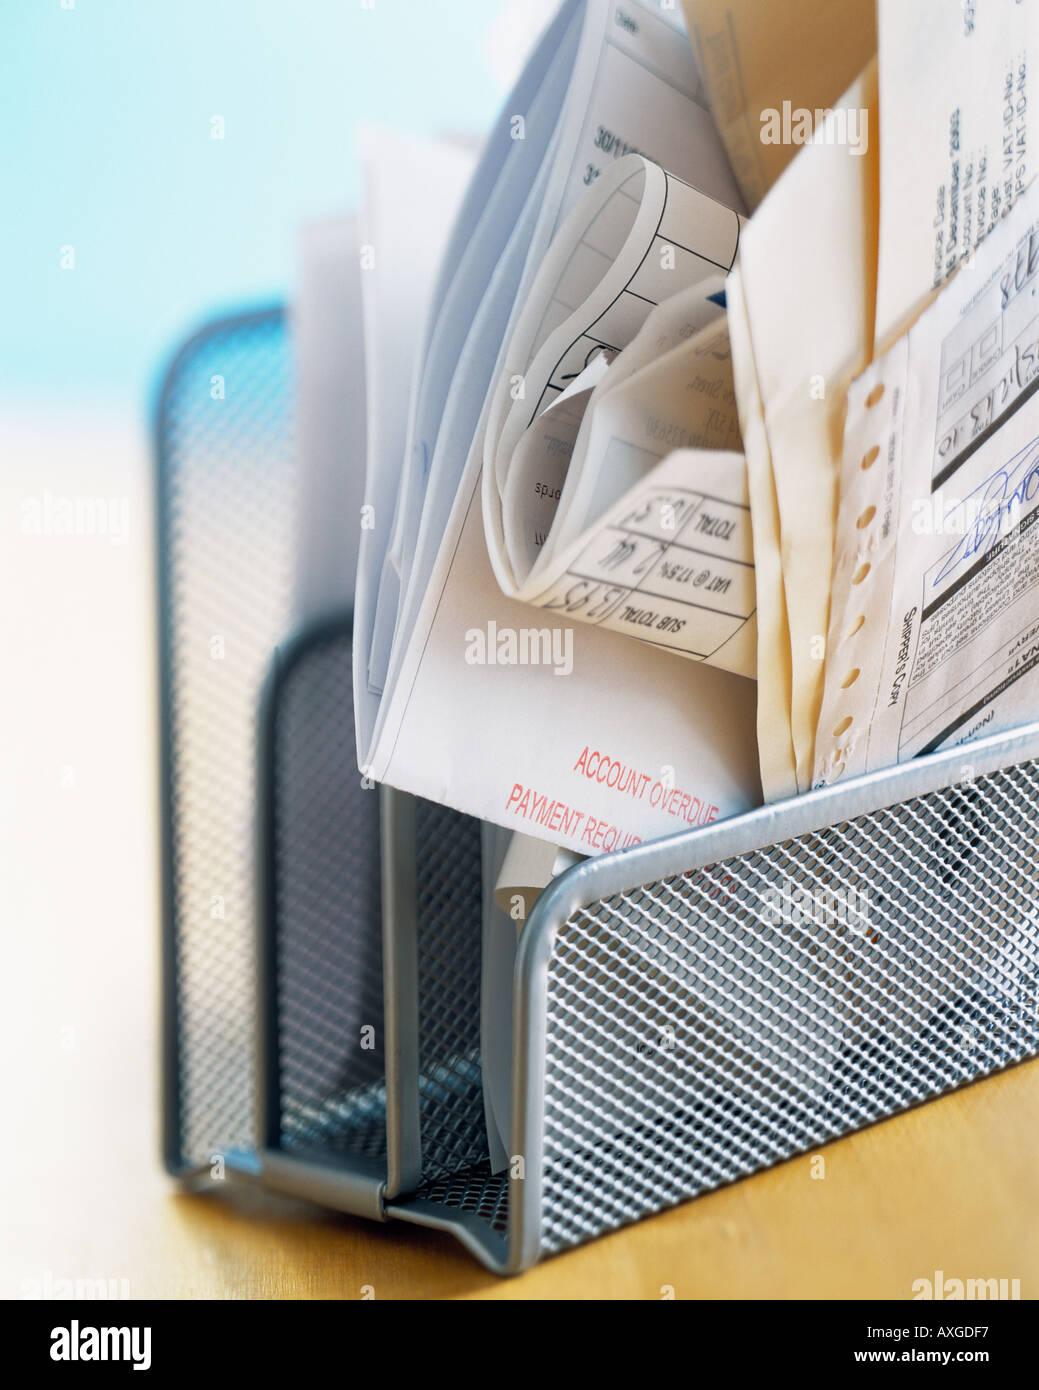 Desk bollette delle finanze home office a causa del pagamento del debito documenti organizzati in ritardo carta di credito pagare le fatture conto conti Deposito Immagini Stock